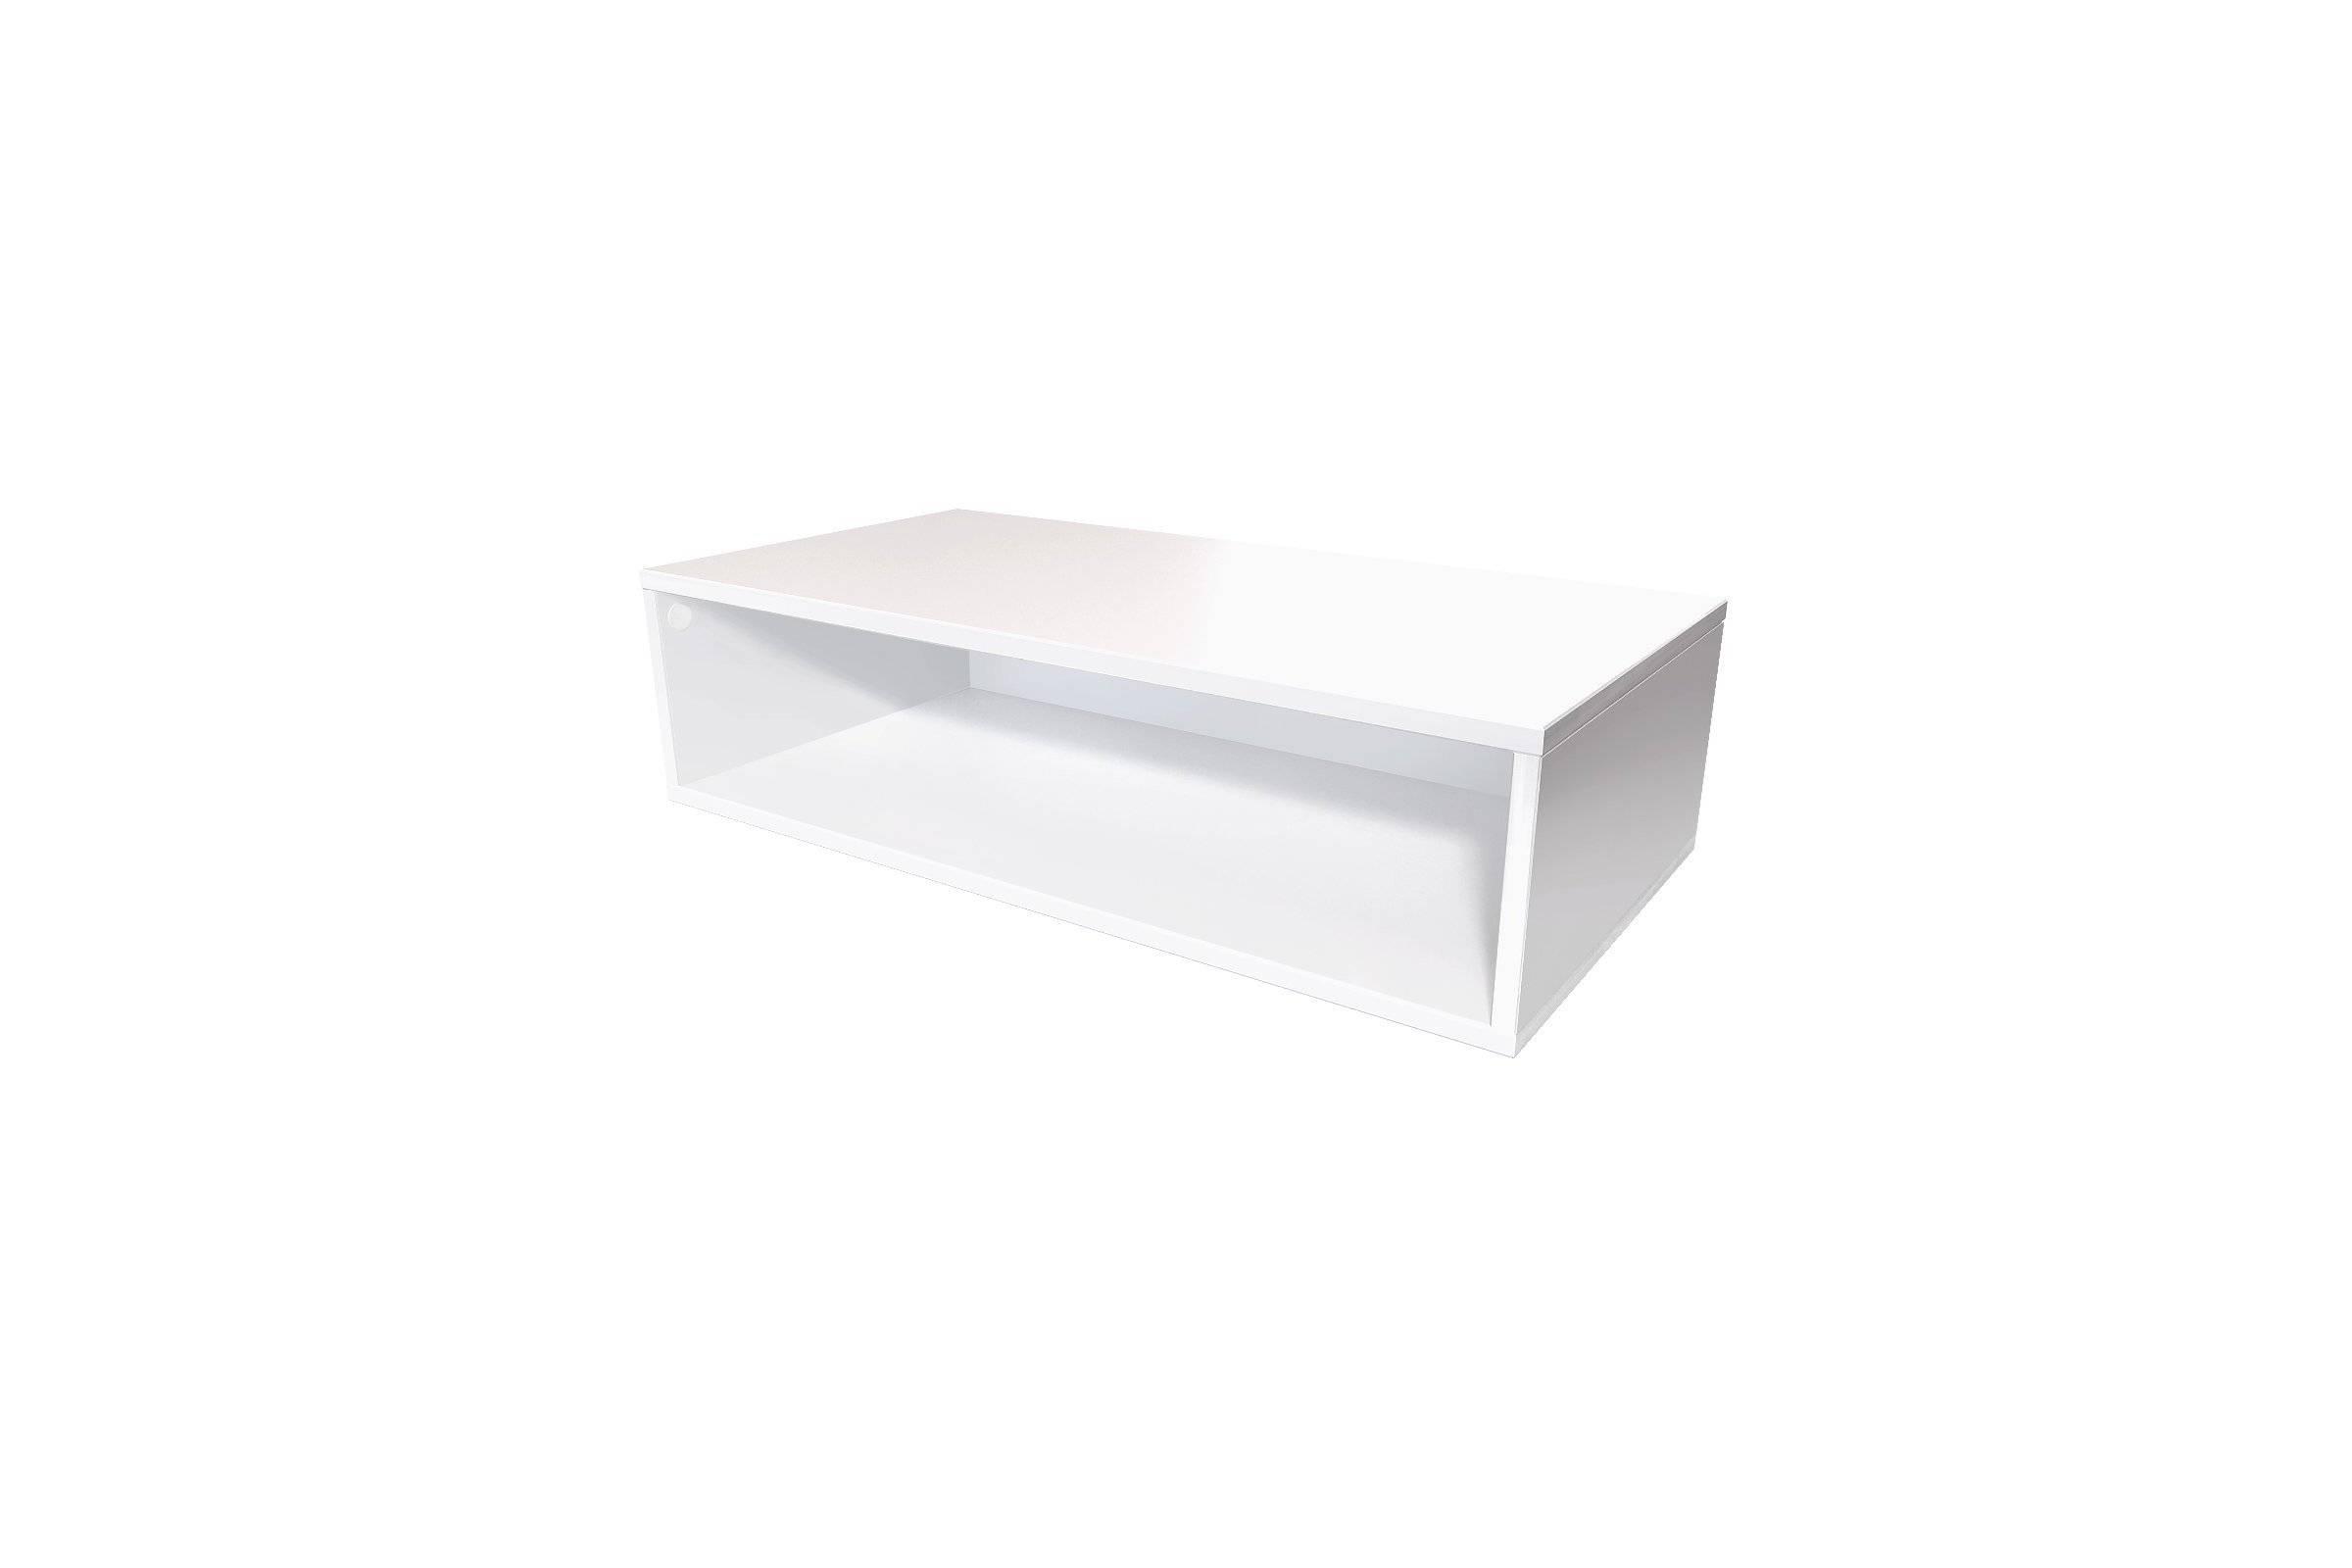 Abc meubles - cube de rangement 100x50 cm bois blanc